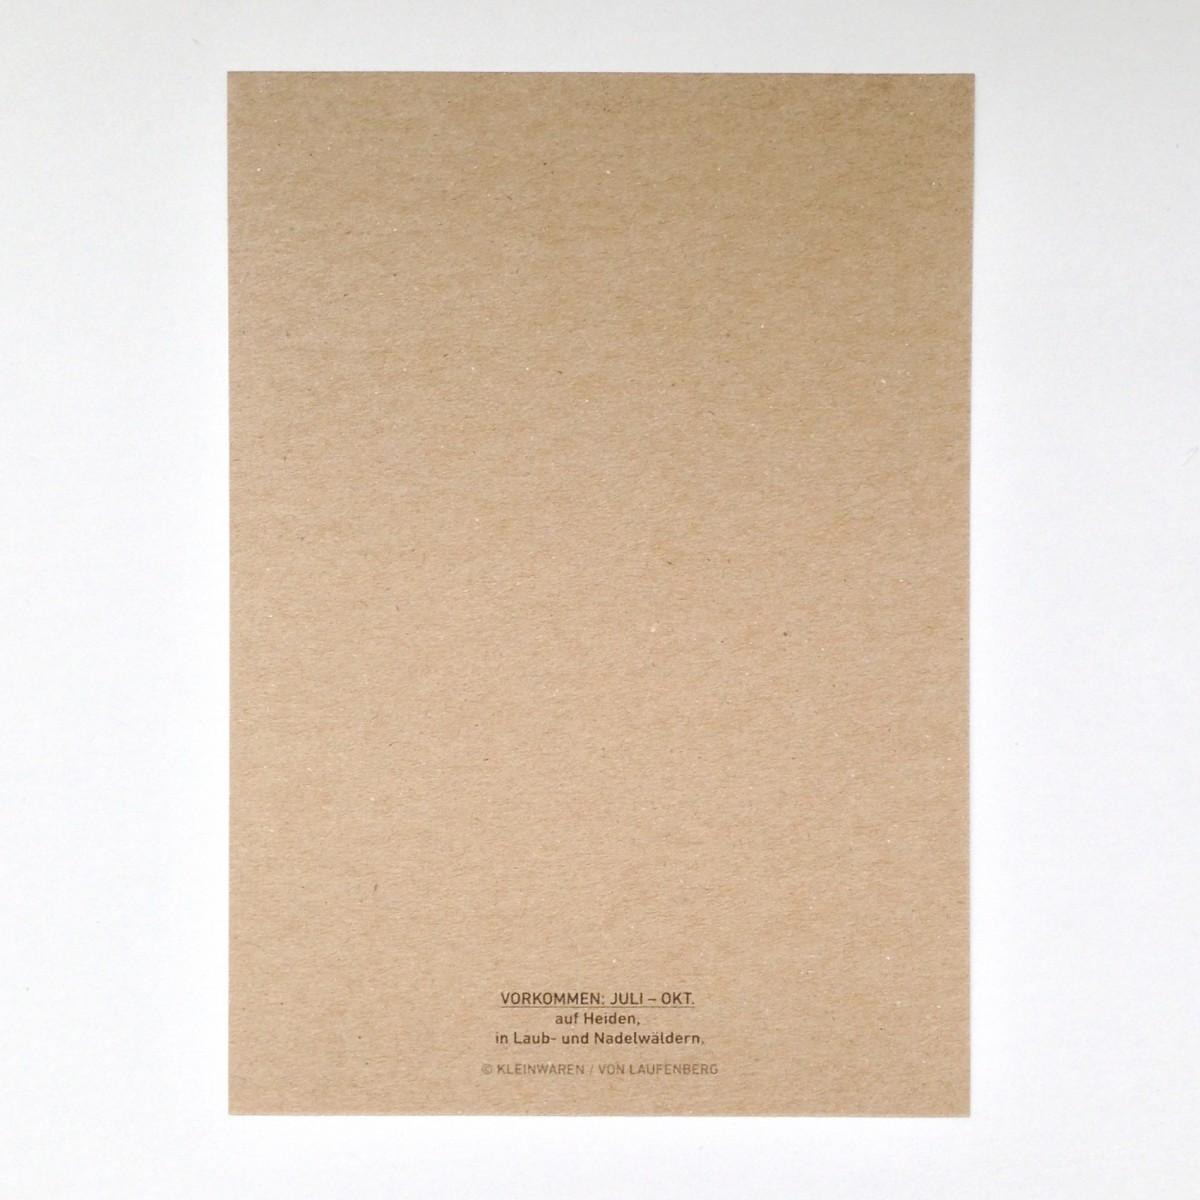 KLEINWAREN / VON LAUFENBERG Parasolpilz Postkarte